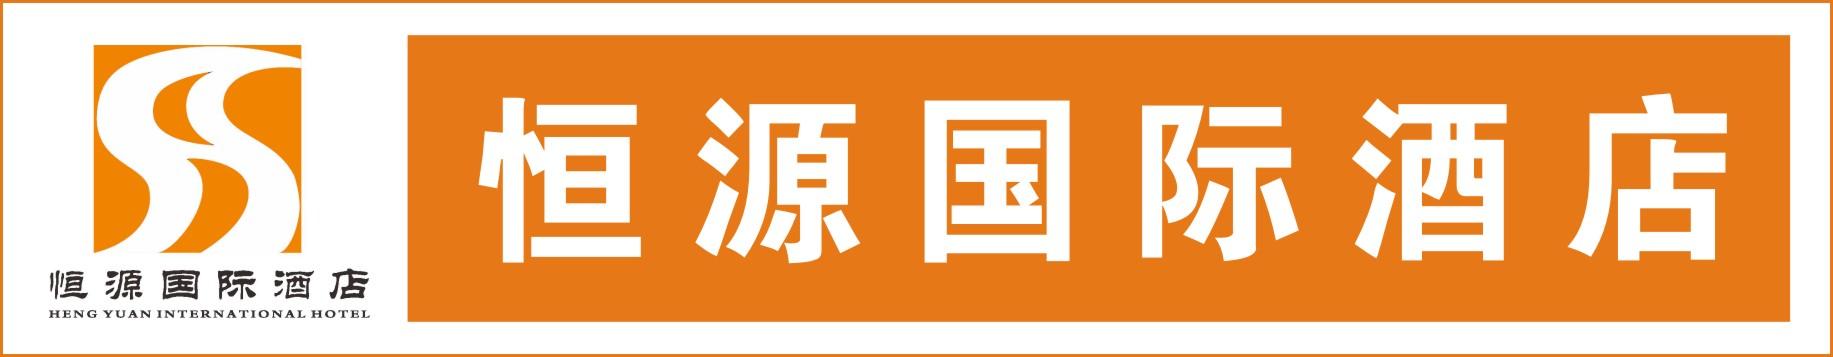 陕西恒源国际酒店有限公司